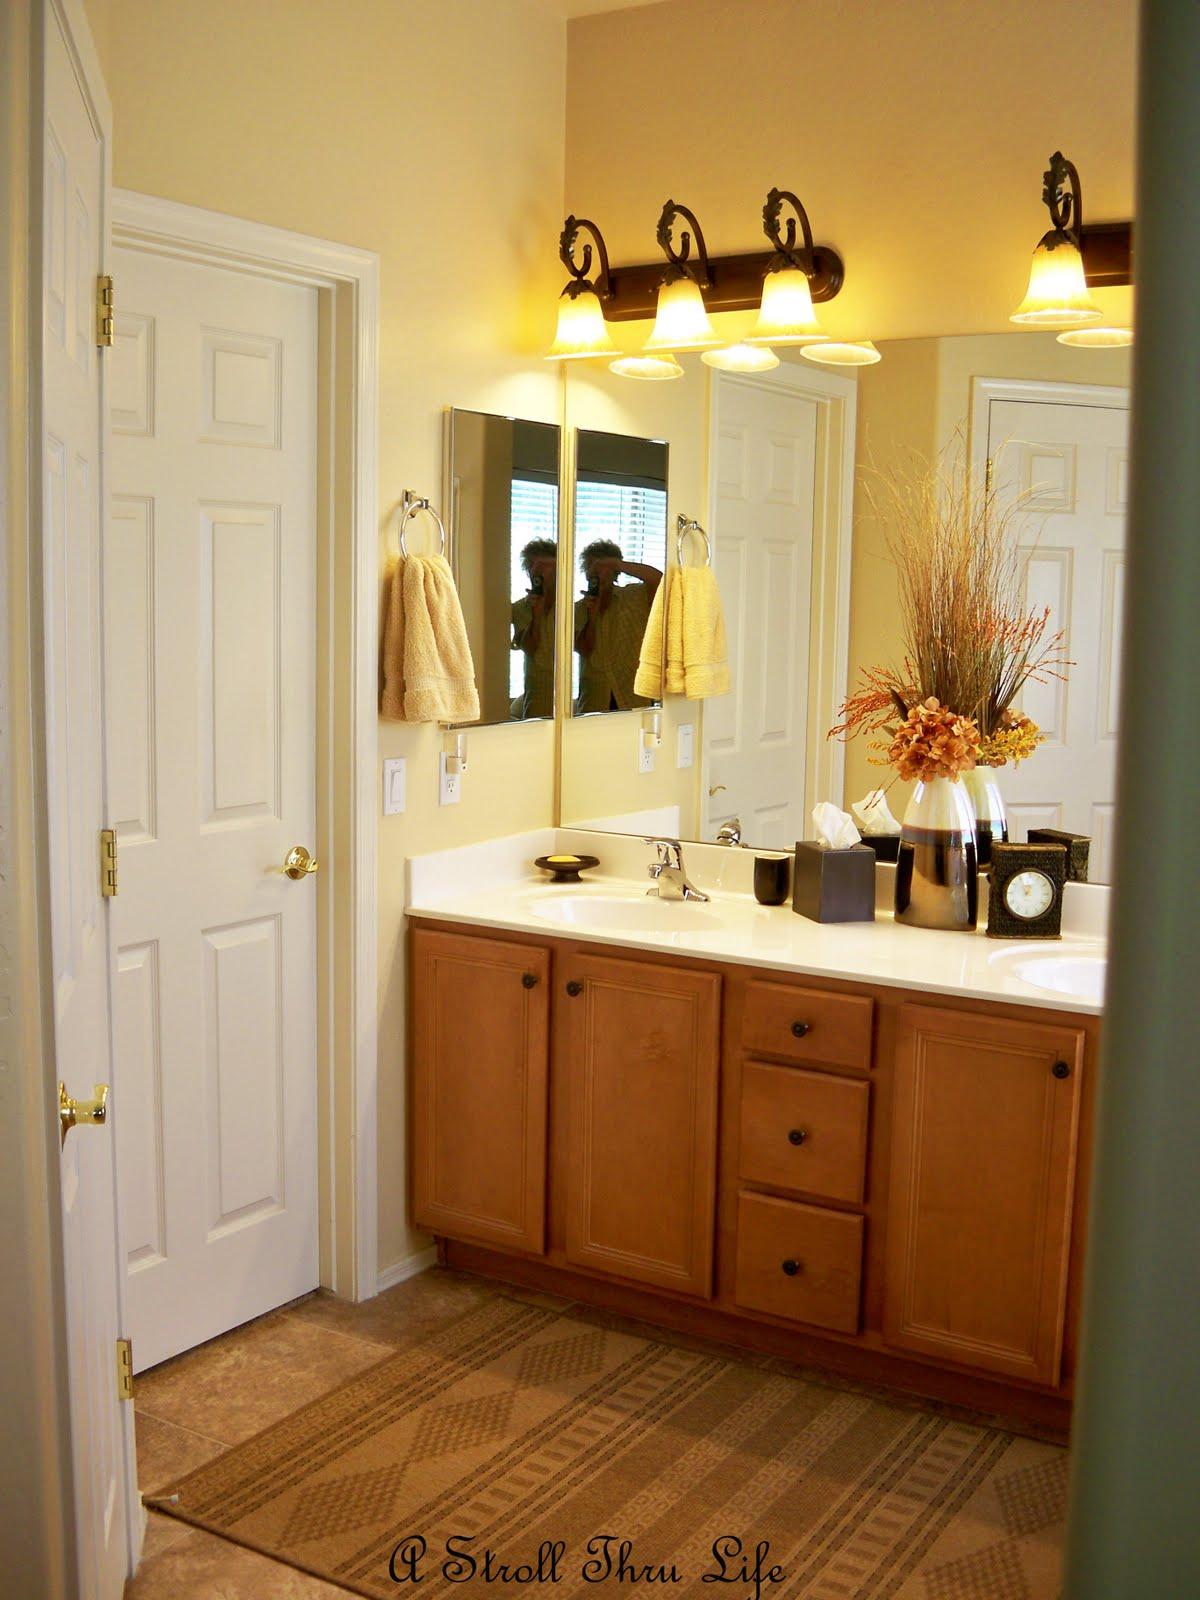 A stroll thru life master bath closet for Master bathroom and closet